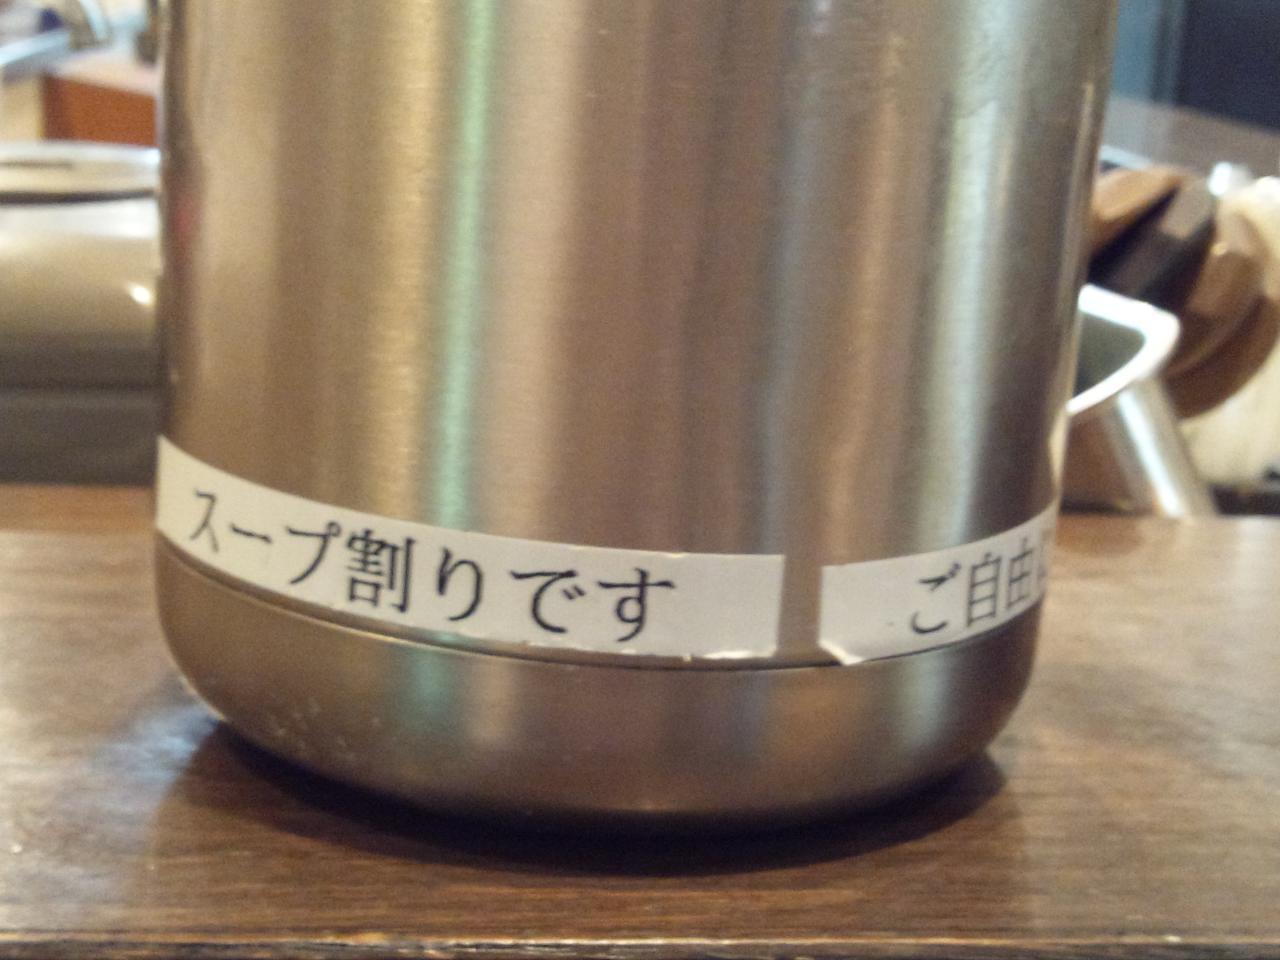 つけ麺隅田西新橋店(スープ割)